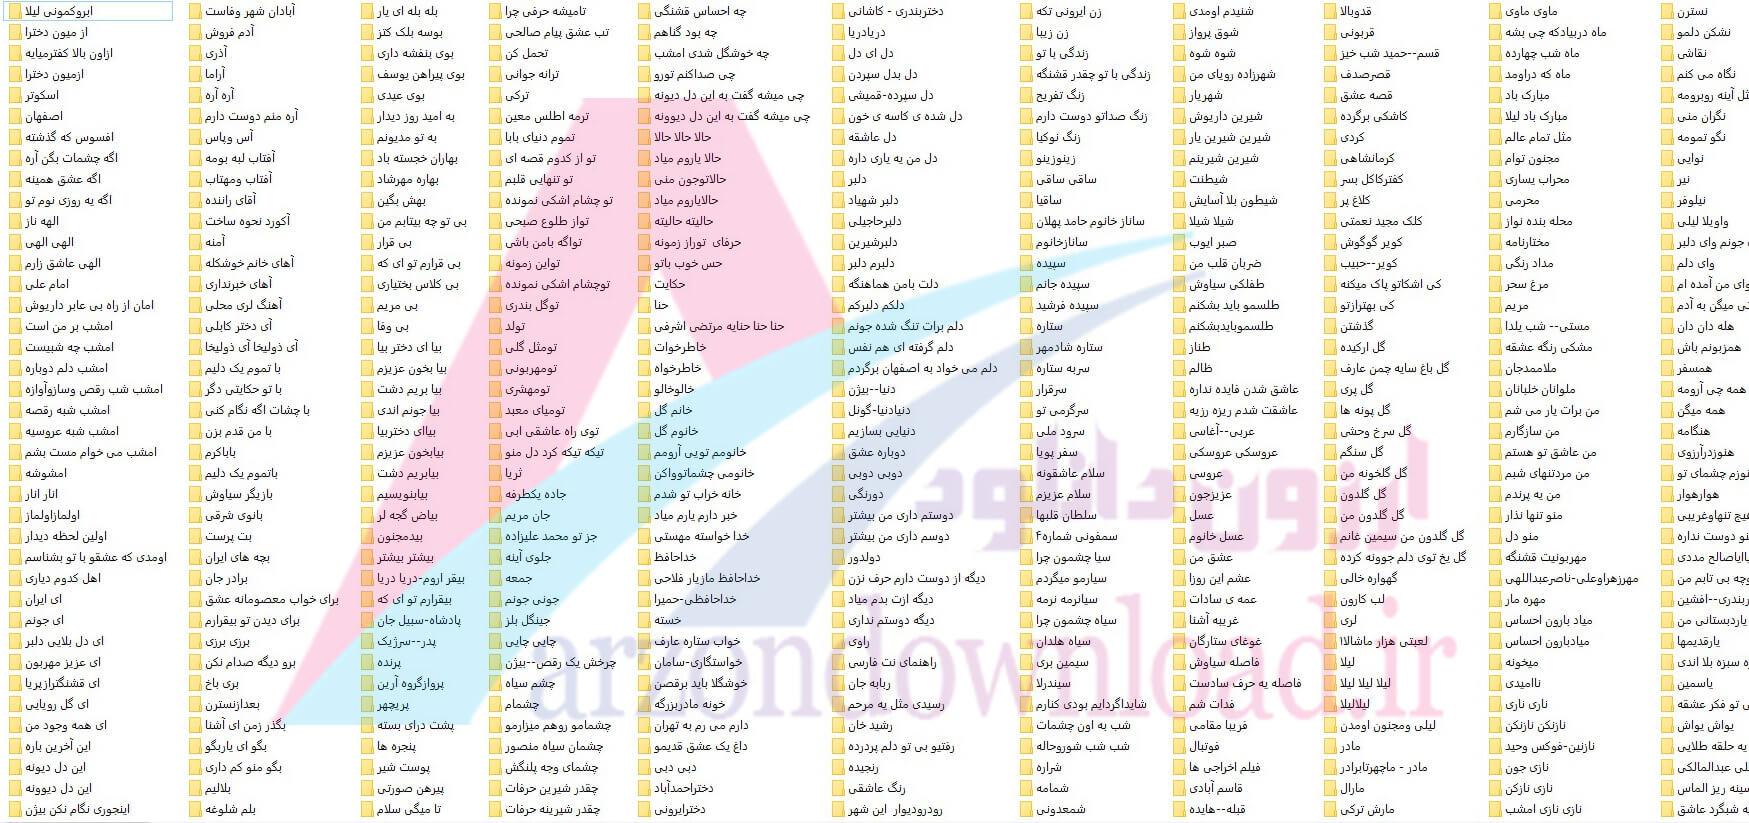 دانلود مجموعه 1000 نت آهنگ ایرانی فارسی برای ارگ